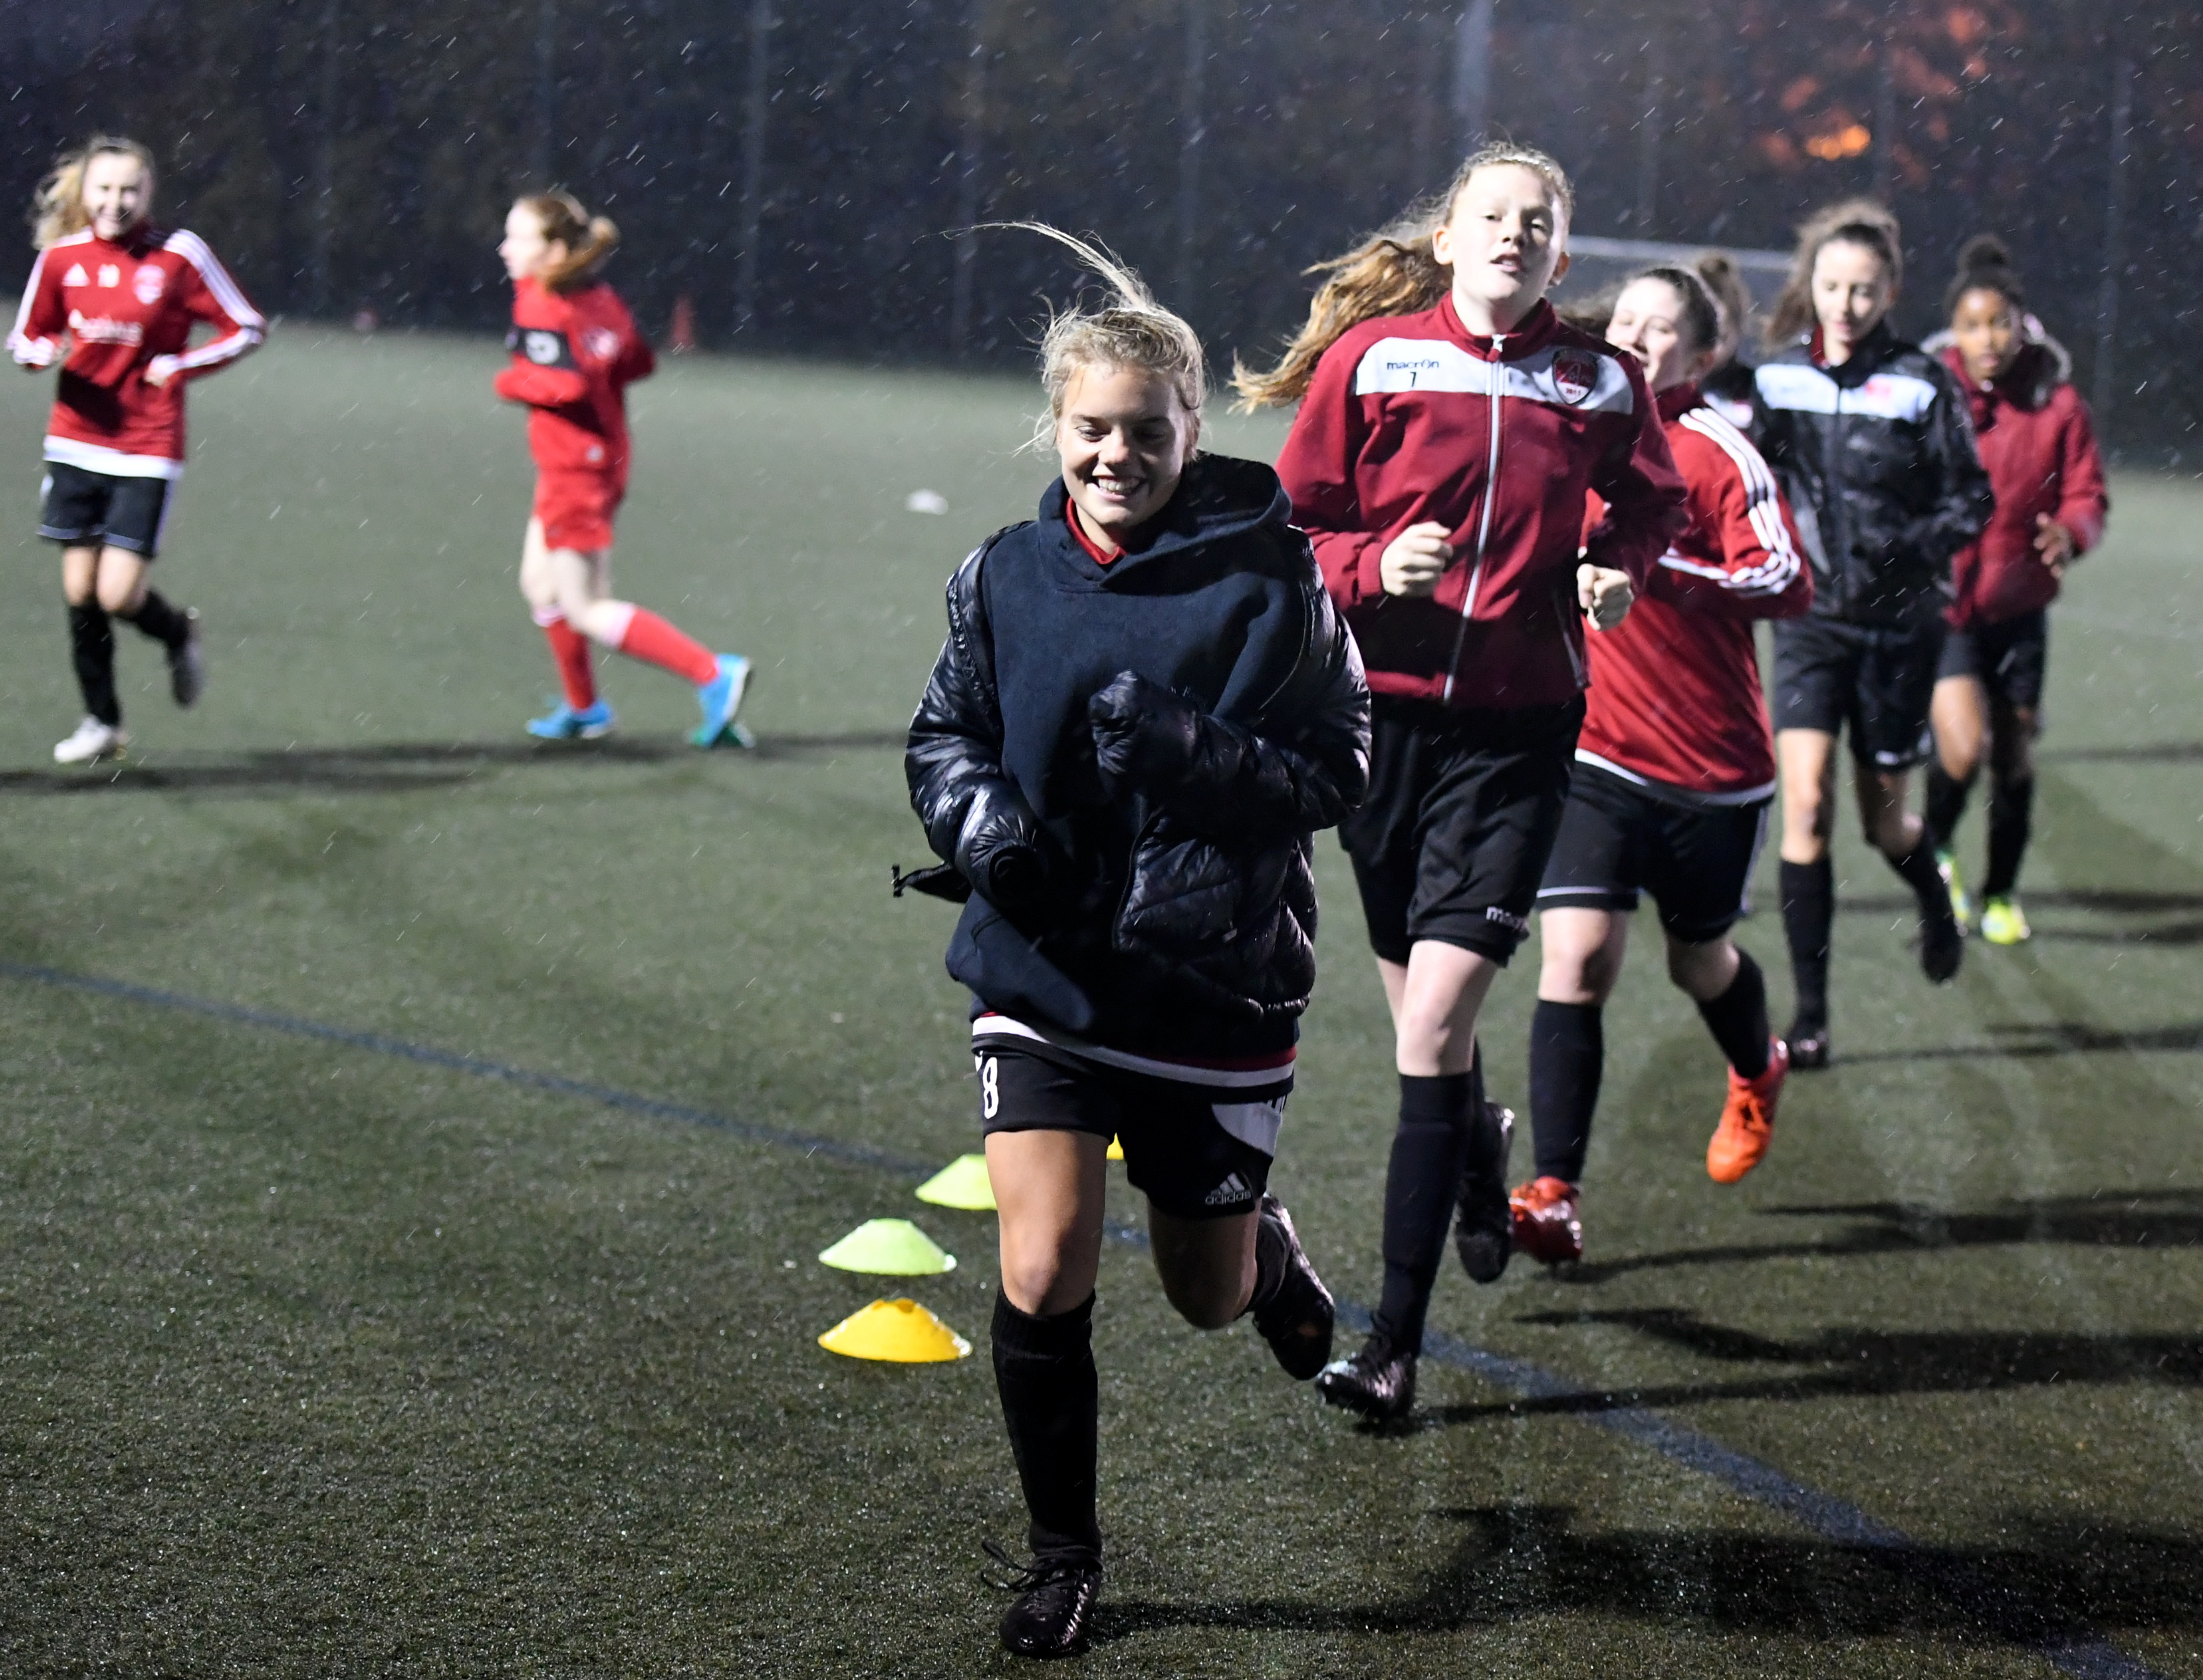 Aberdeeen Ladies FC played in SWPL2 last season.